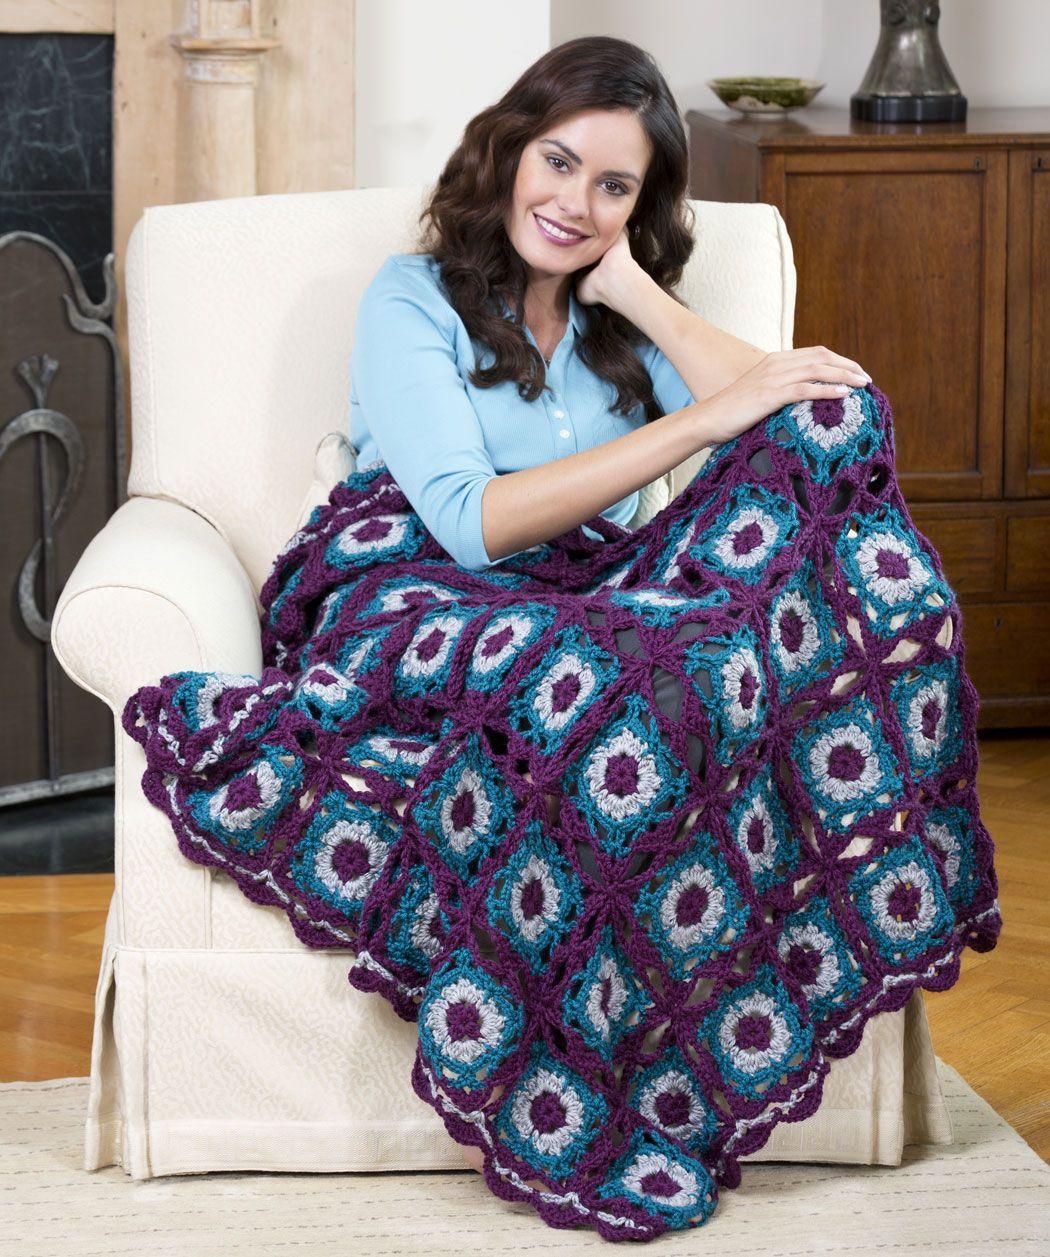 Decke aus Quadraten | Häkeldecke | Pinterest | Garne, Muster und Decken